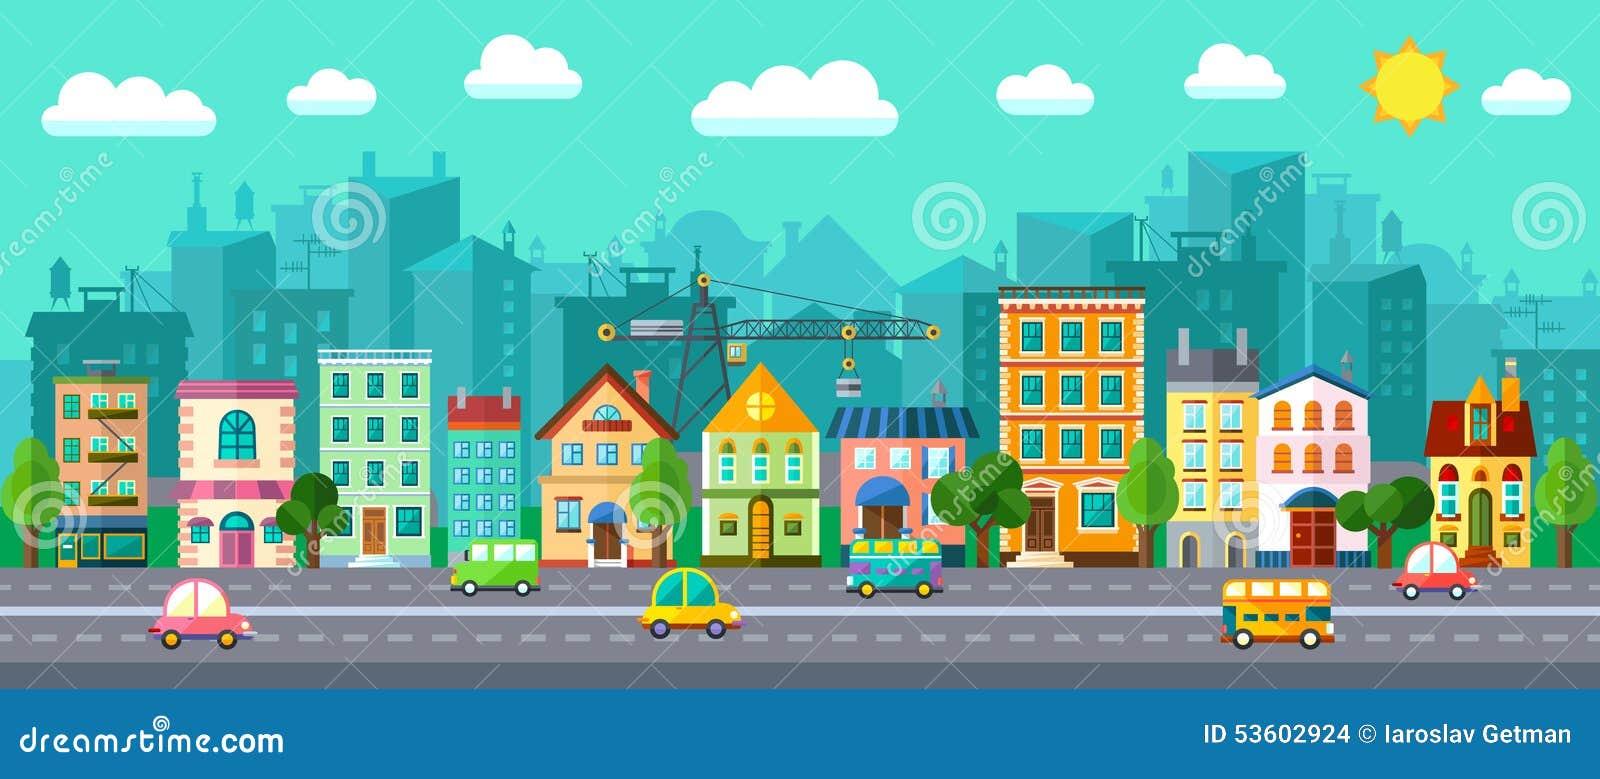 Miasto ulica w Płaskim projekcie